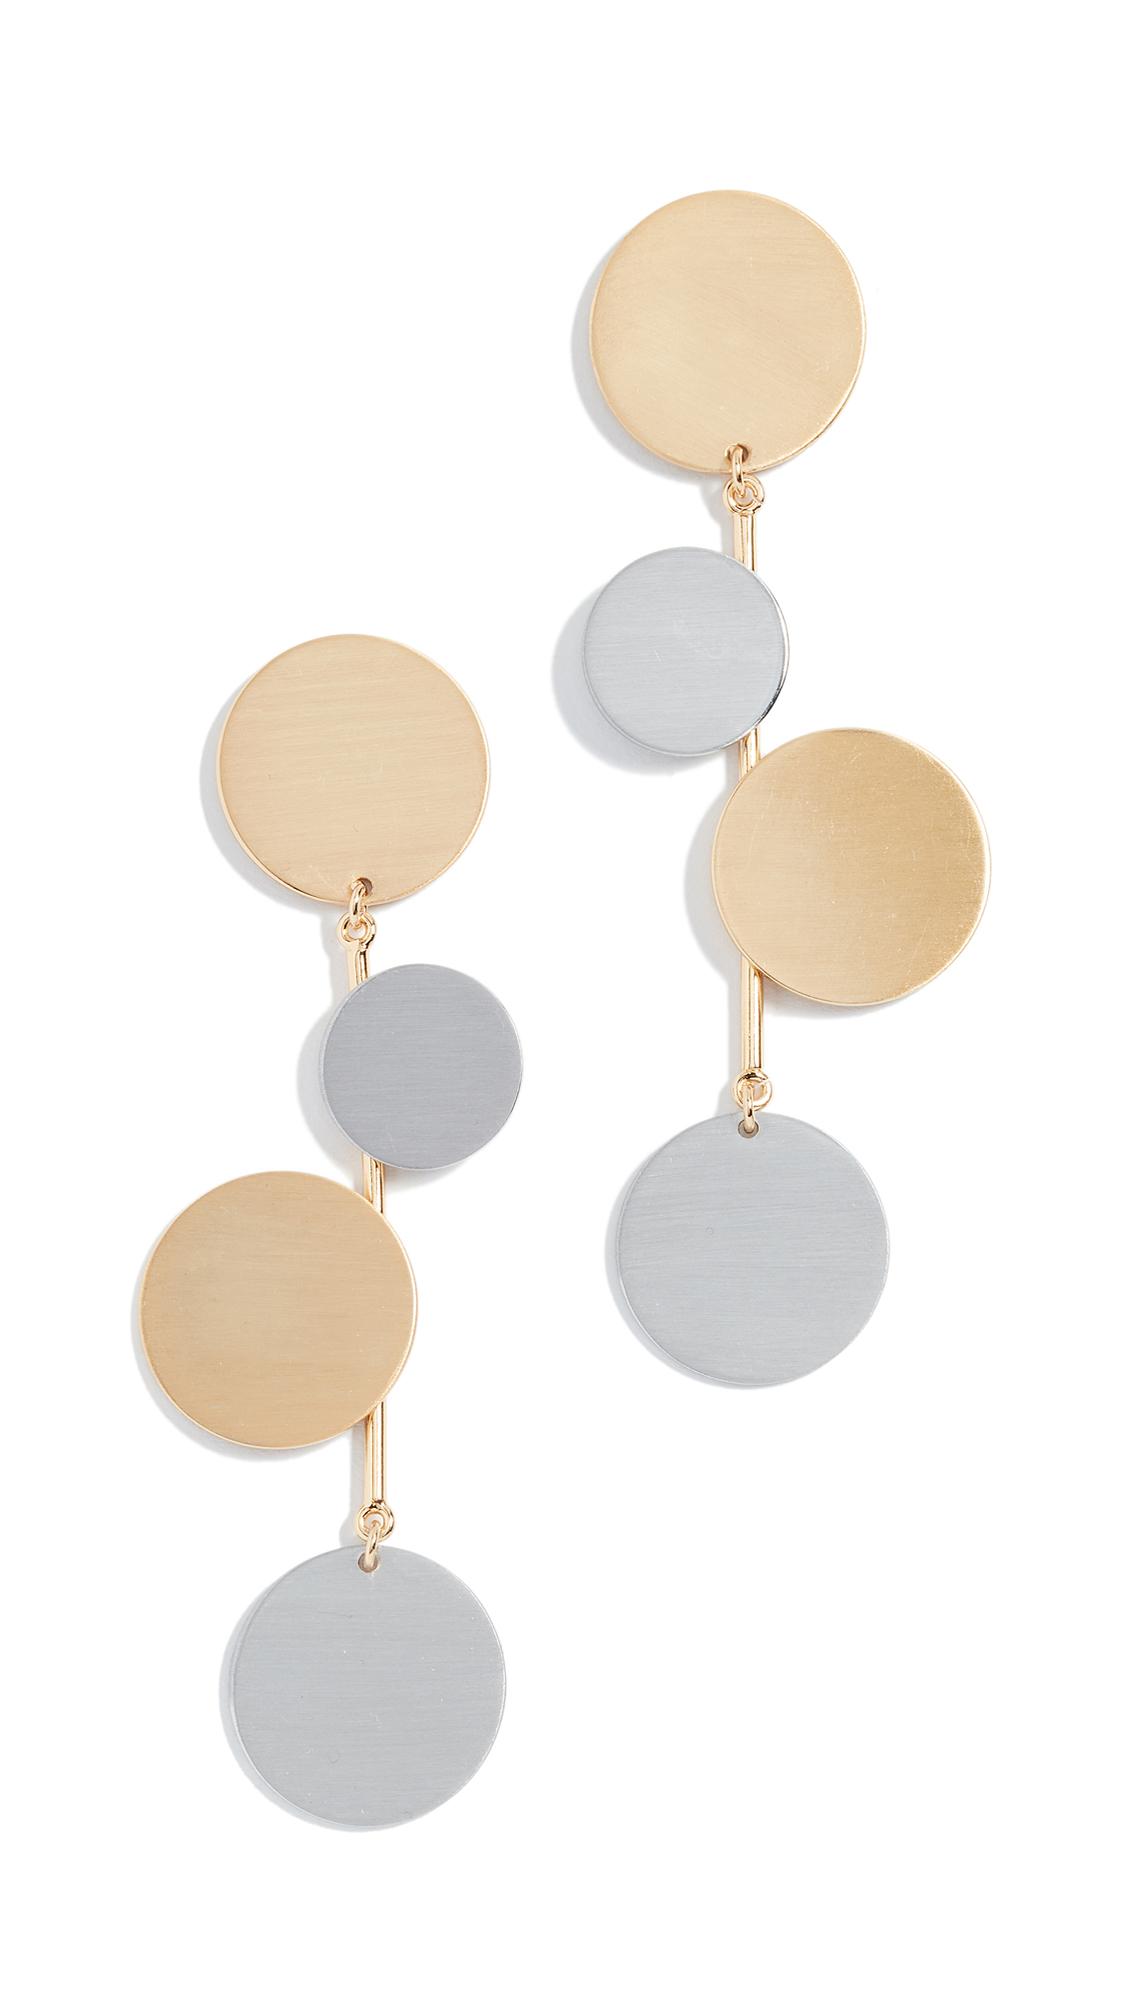 BaubleBar Rona Drop Earrings 1oj6x